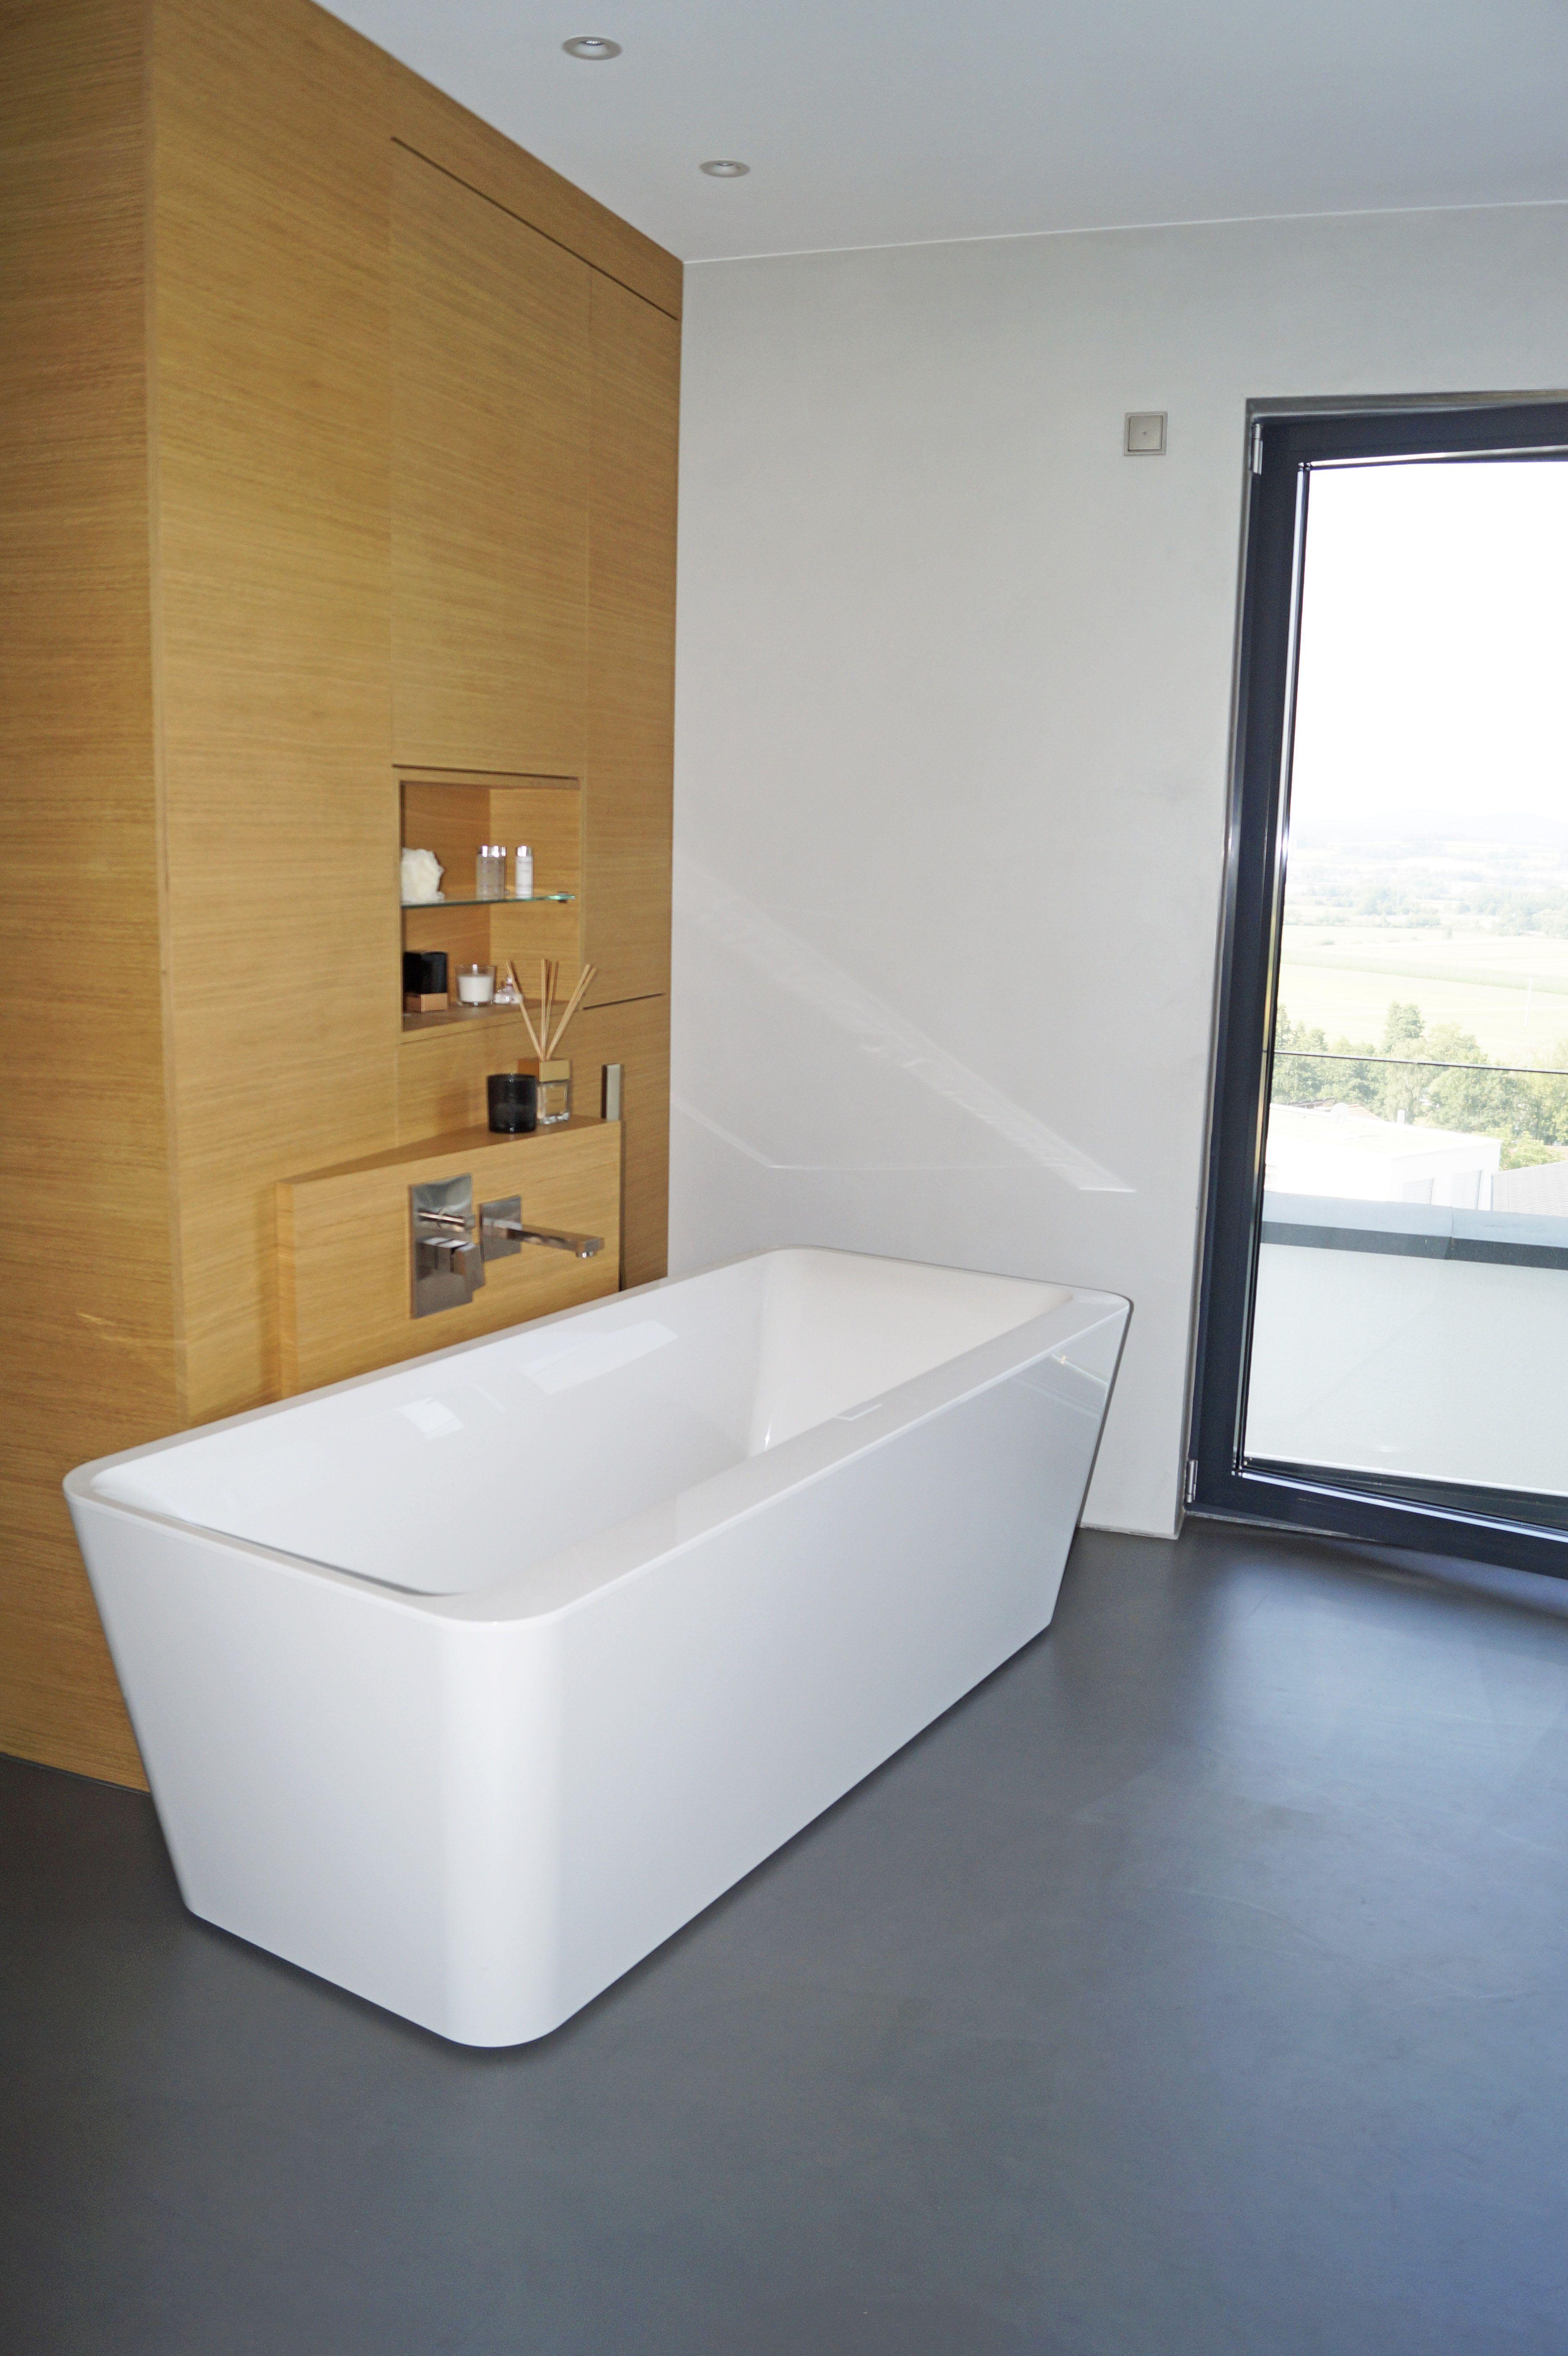 Freistehende Badewanne Auf Fugenlosen Zementboden Freistehende Badewanne Badewanne Bad